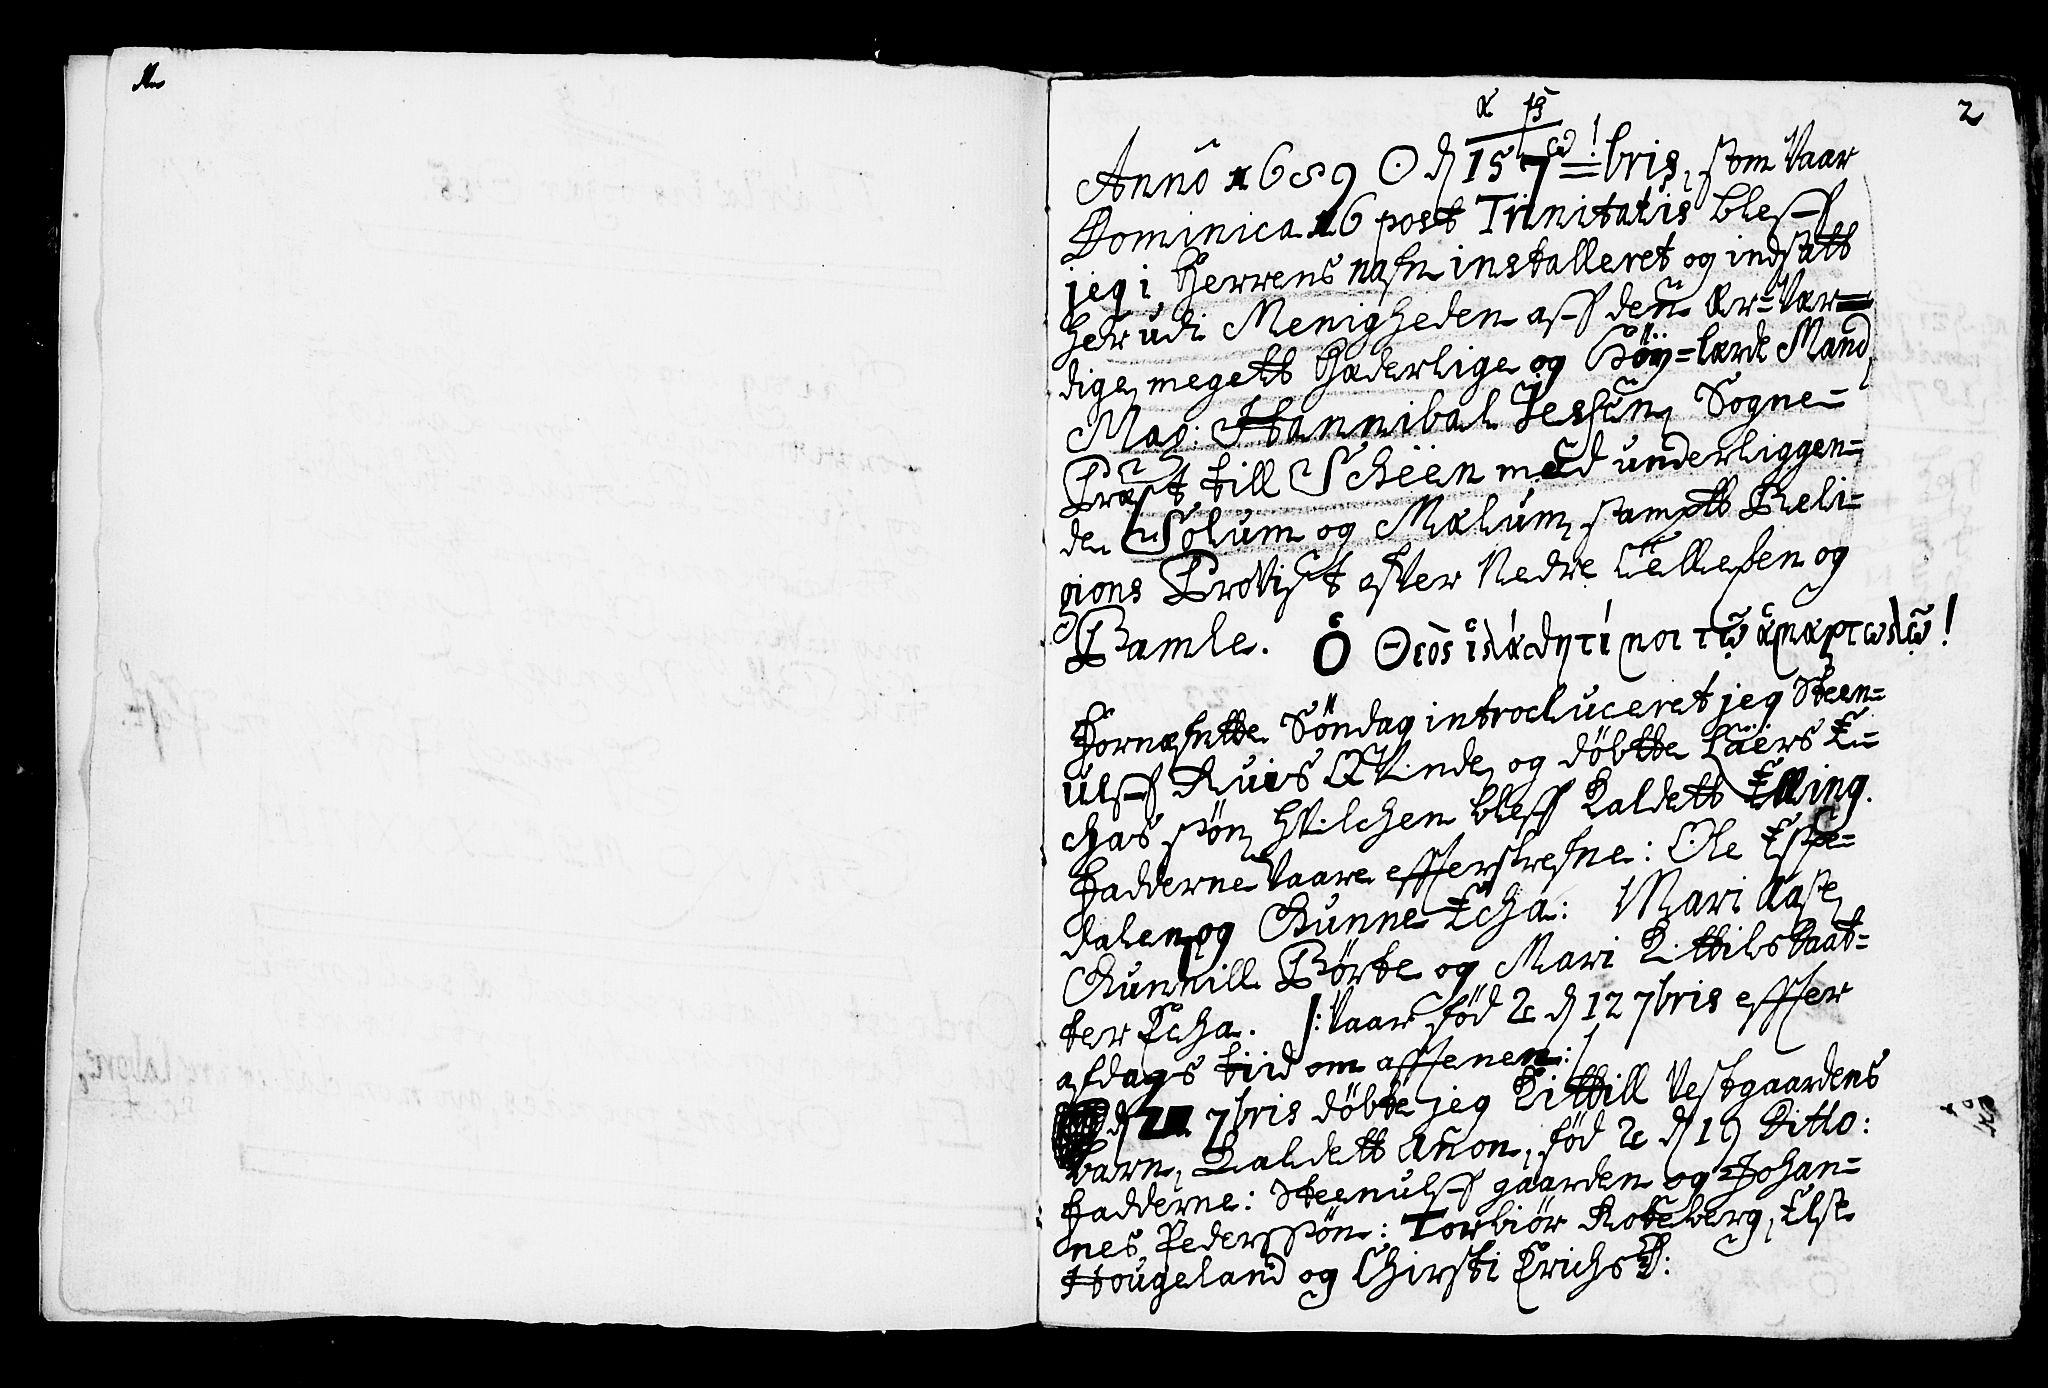 SAKO, Bø kirkebøker, F/Fa/L0001: Ministerialbok nr. 1, 1689-1699, s. 1-2